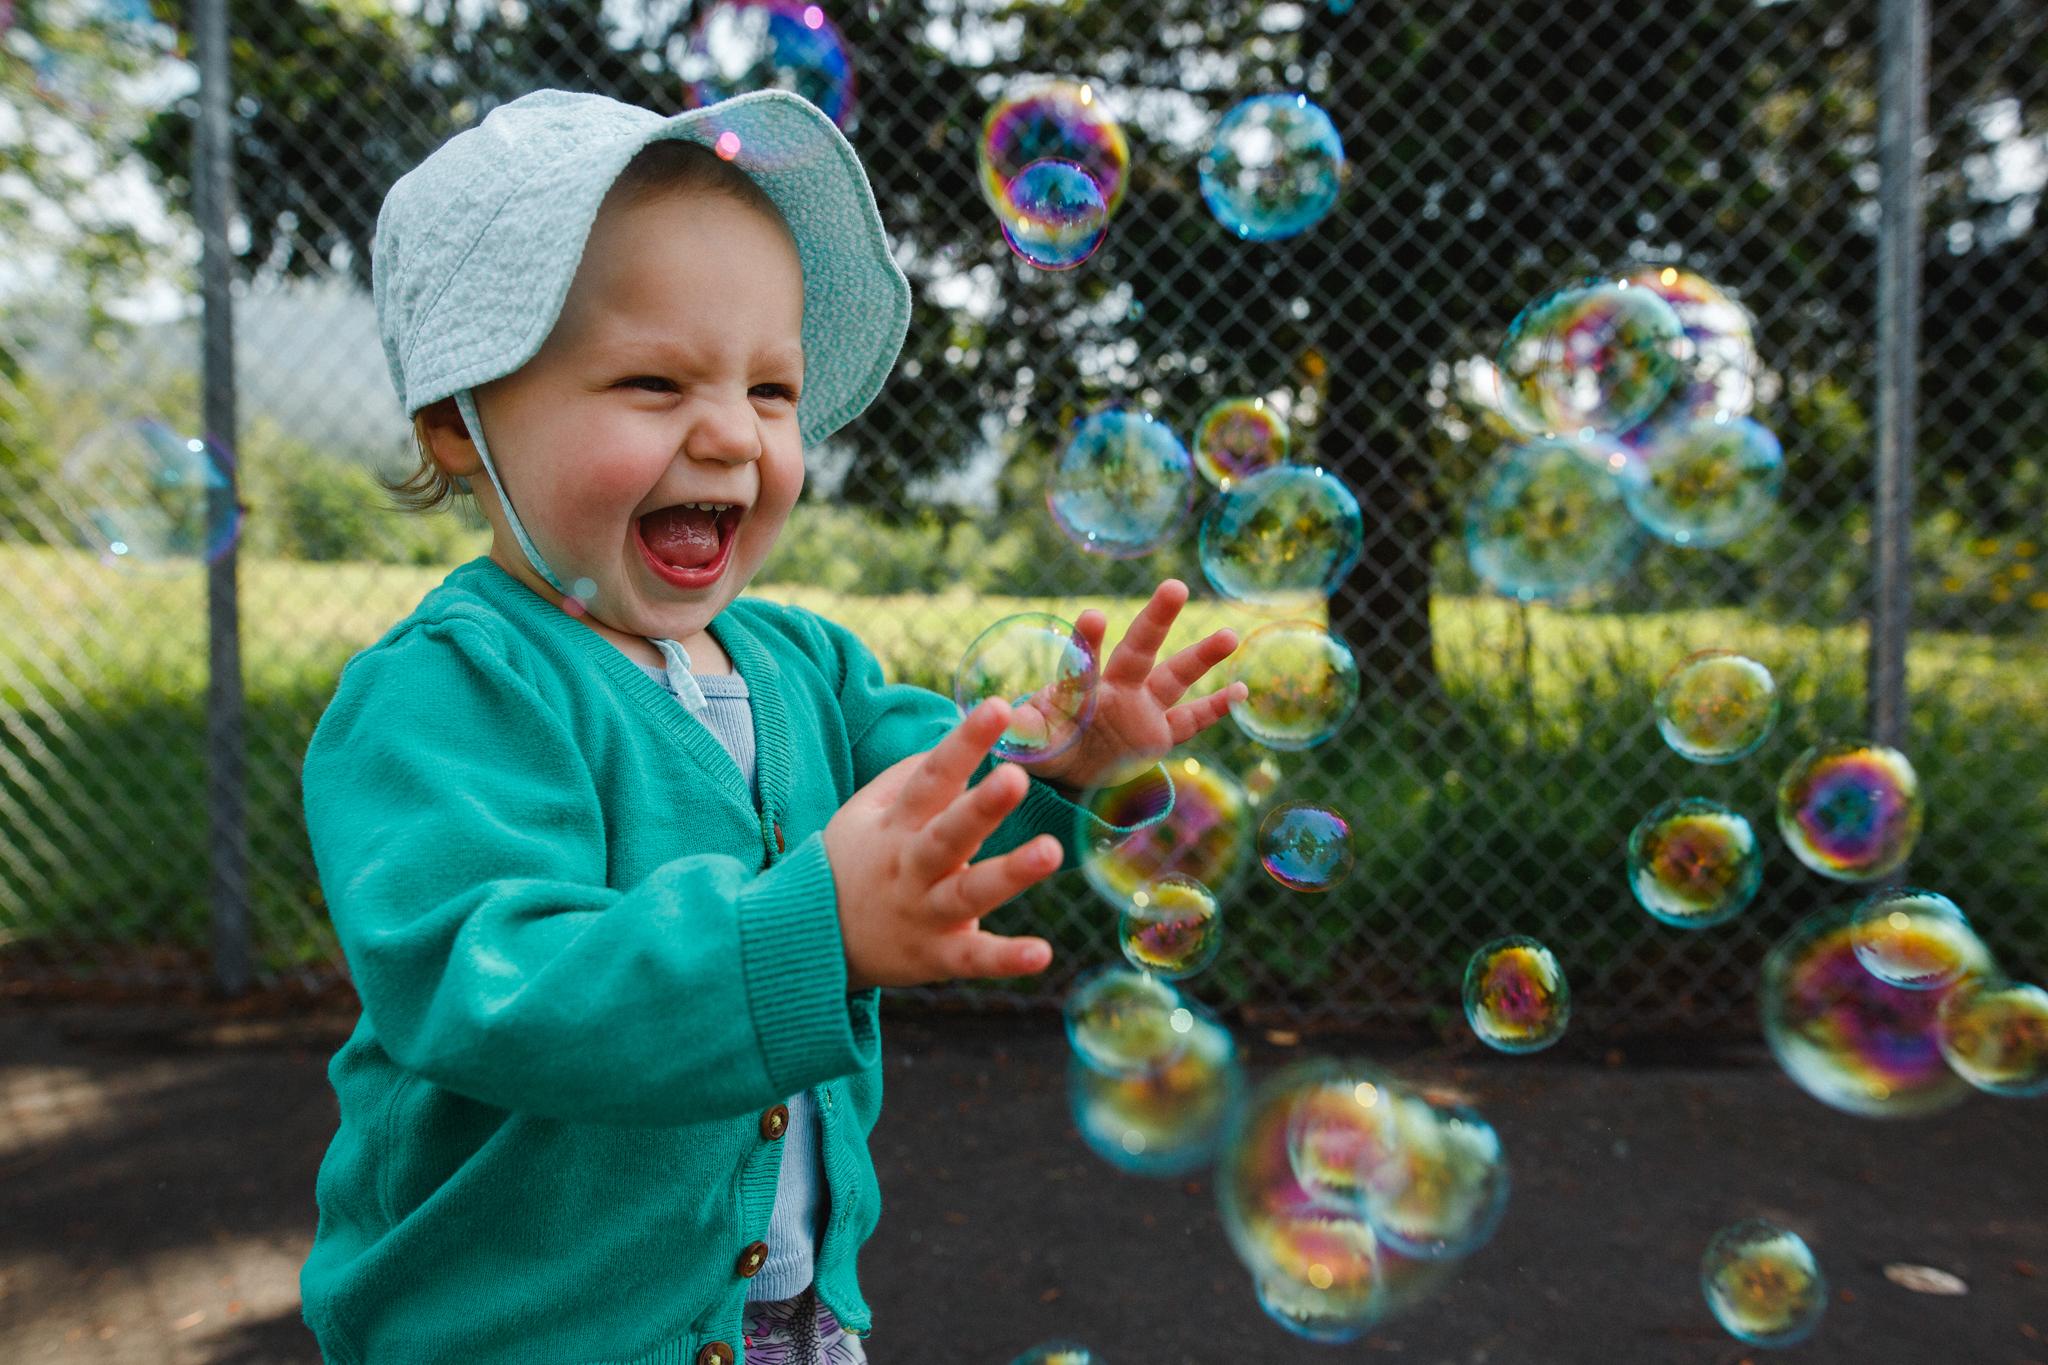 pepper giggling bubbles-1.jpg